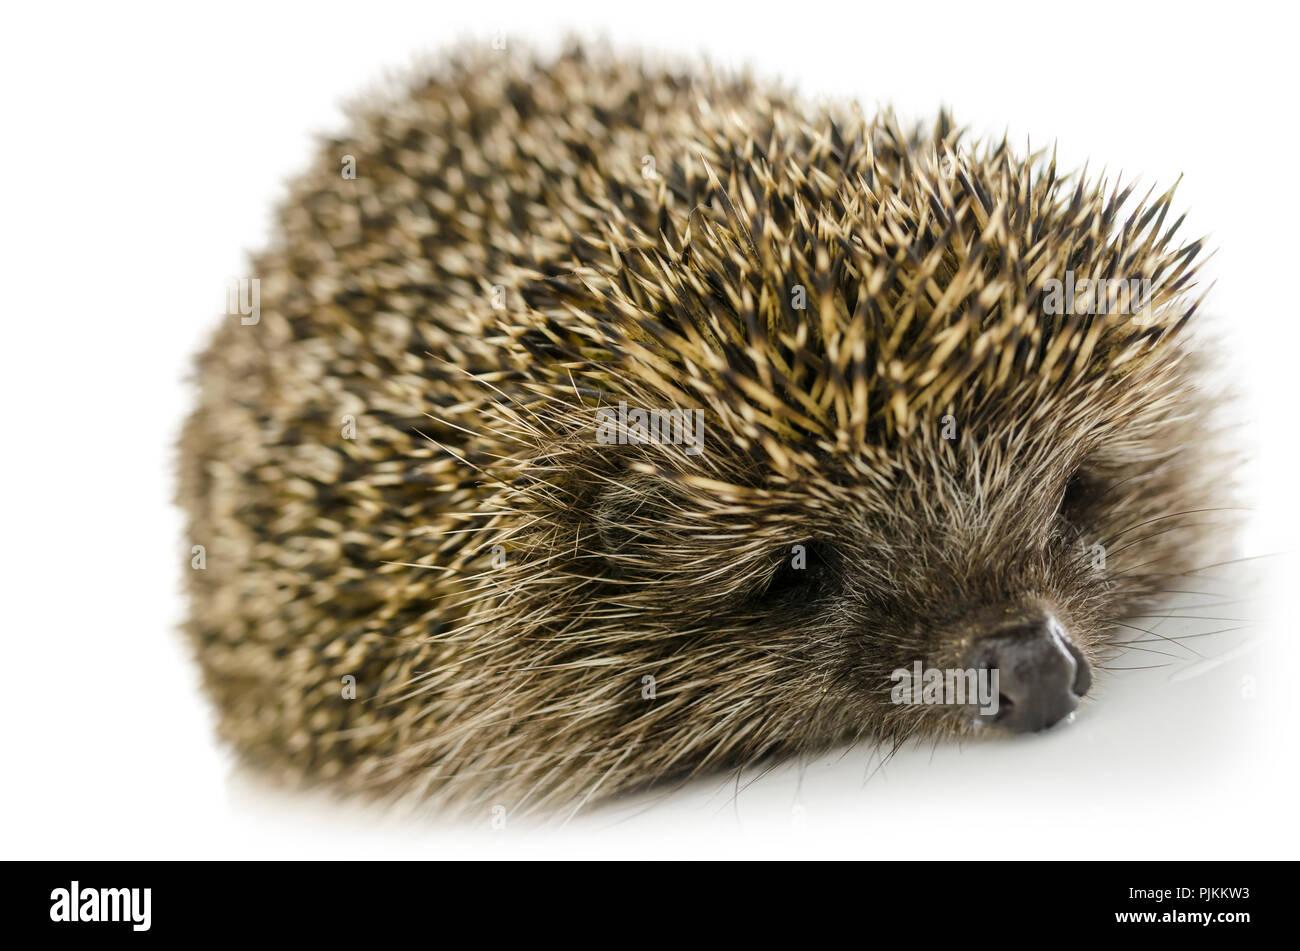 Sleeping hedgehog isolated on white background. Stock Photo